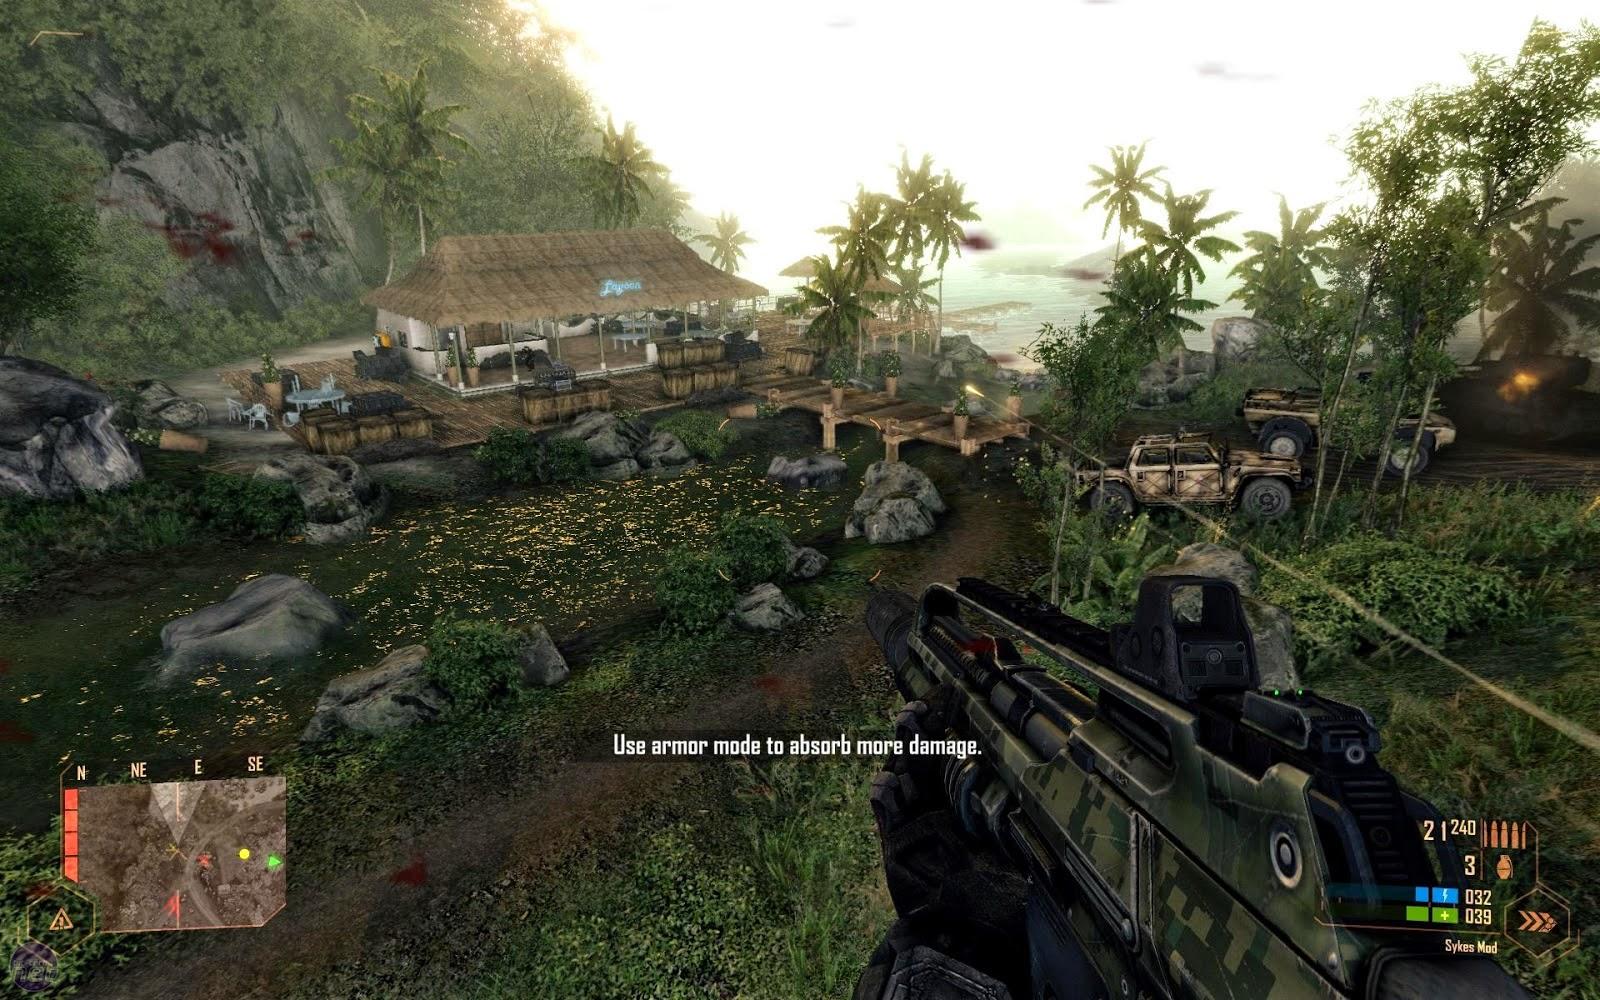 descargar Crysis 1 version completa en español mega, 4shared 1 link